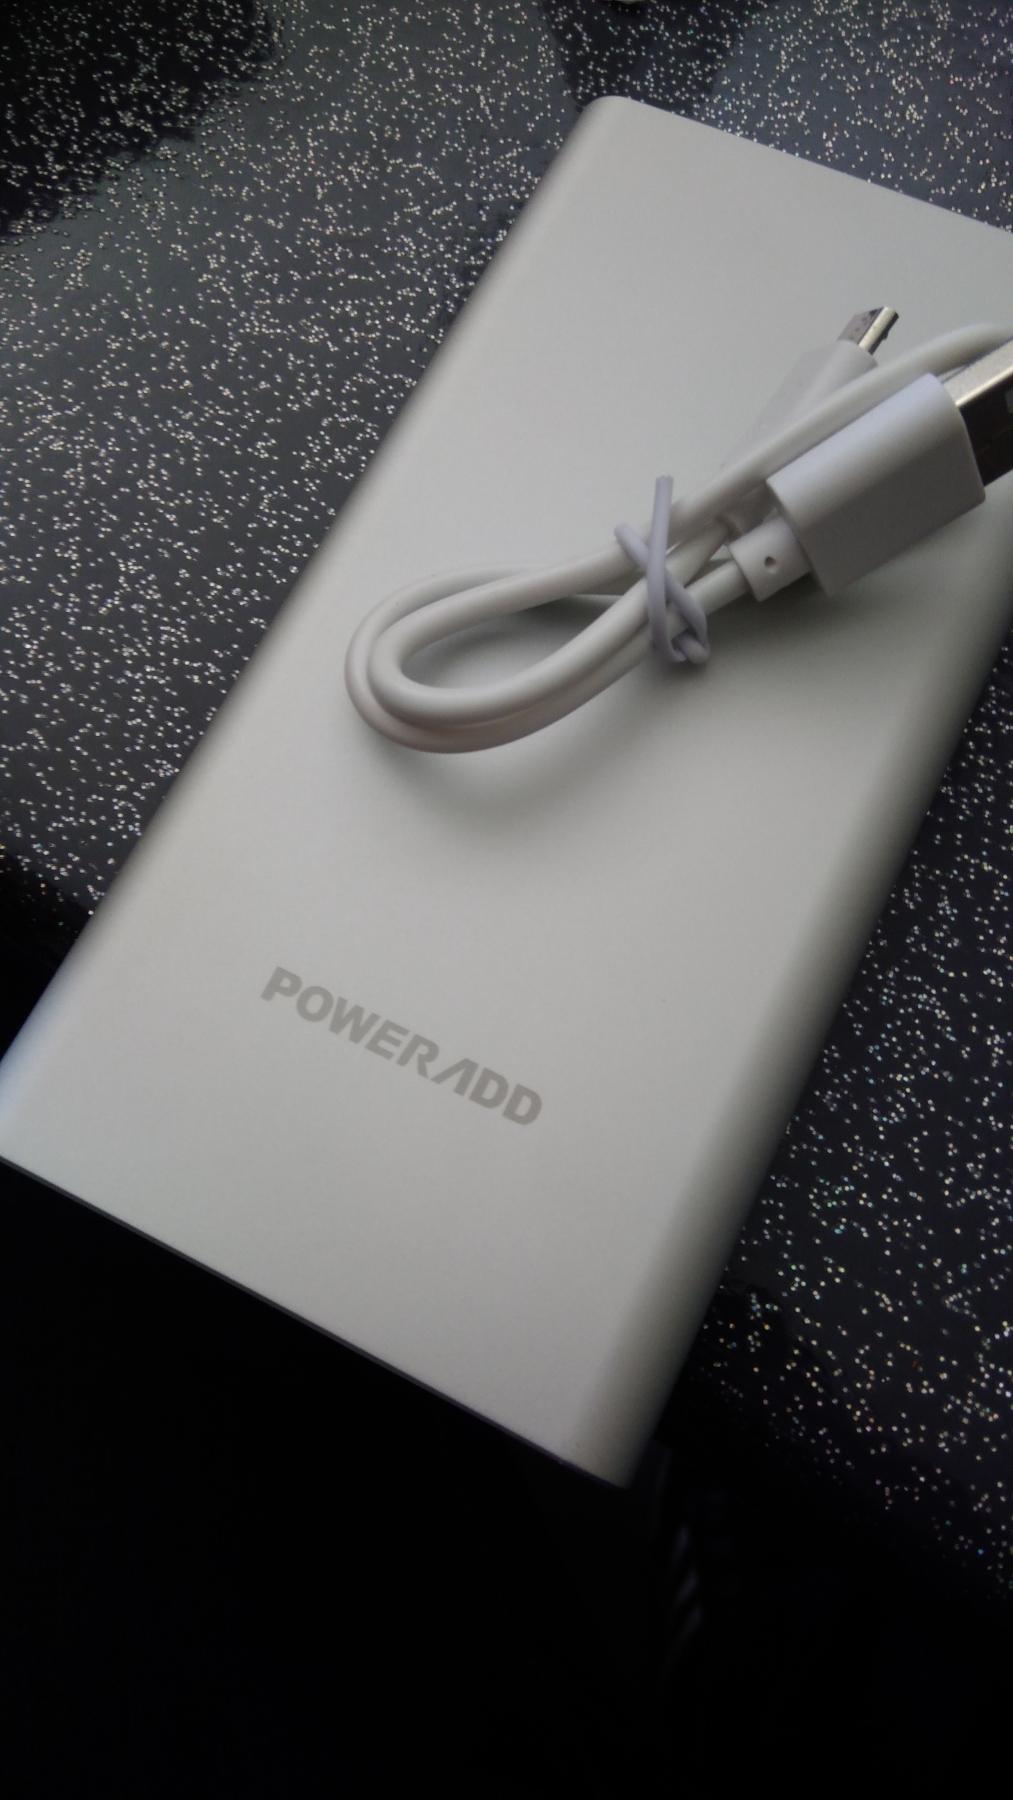 Batterie super fonctionnel